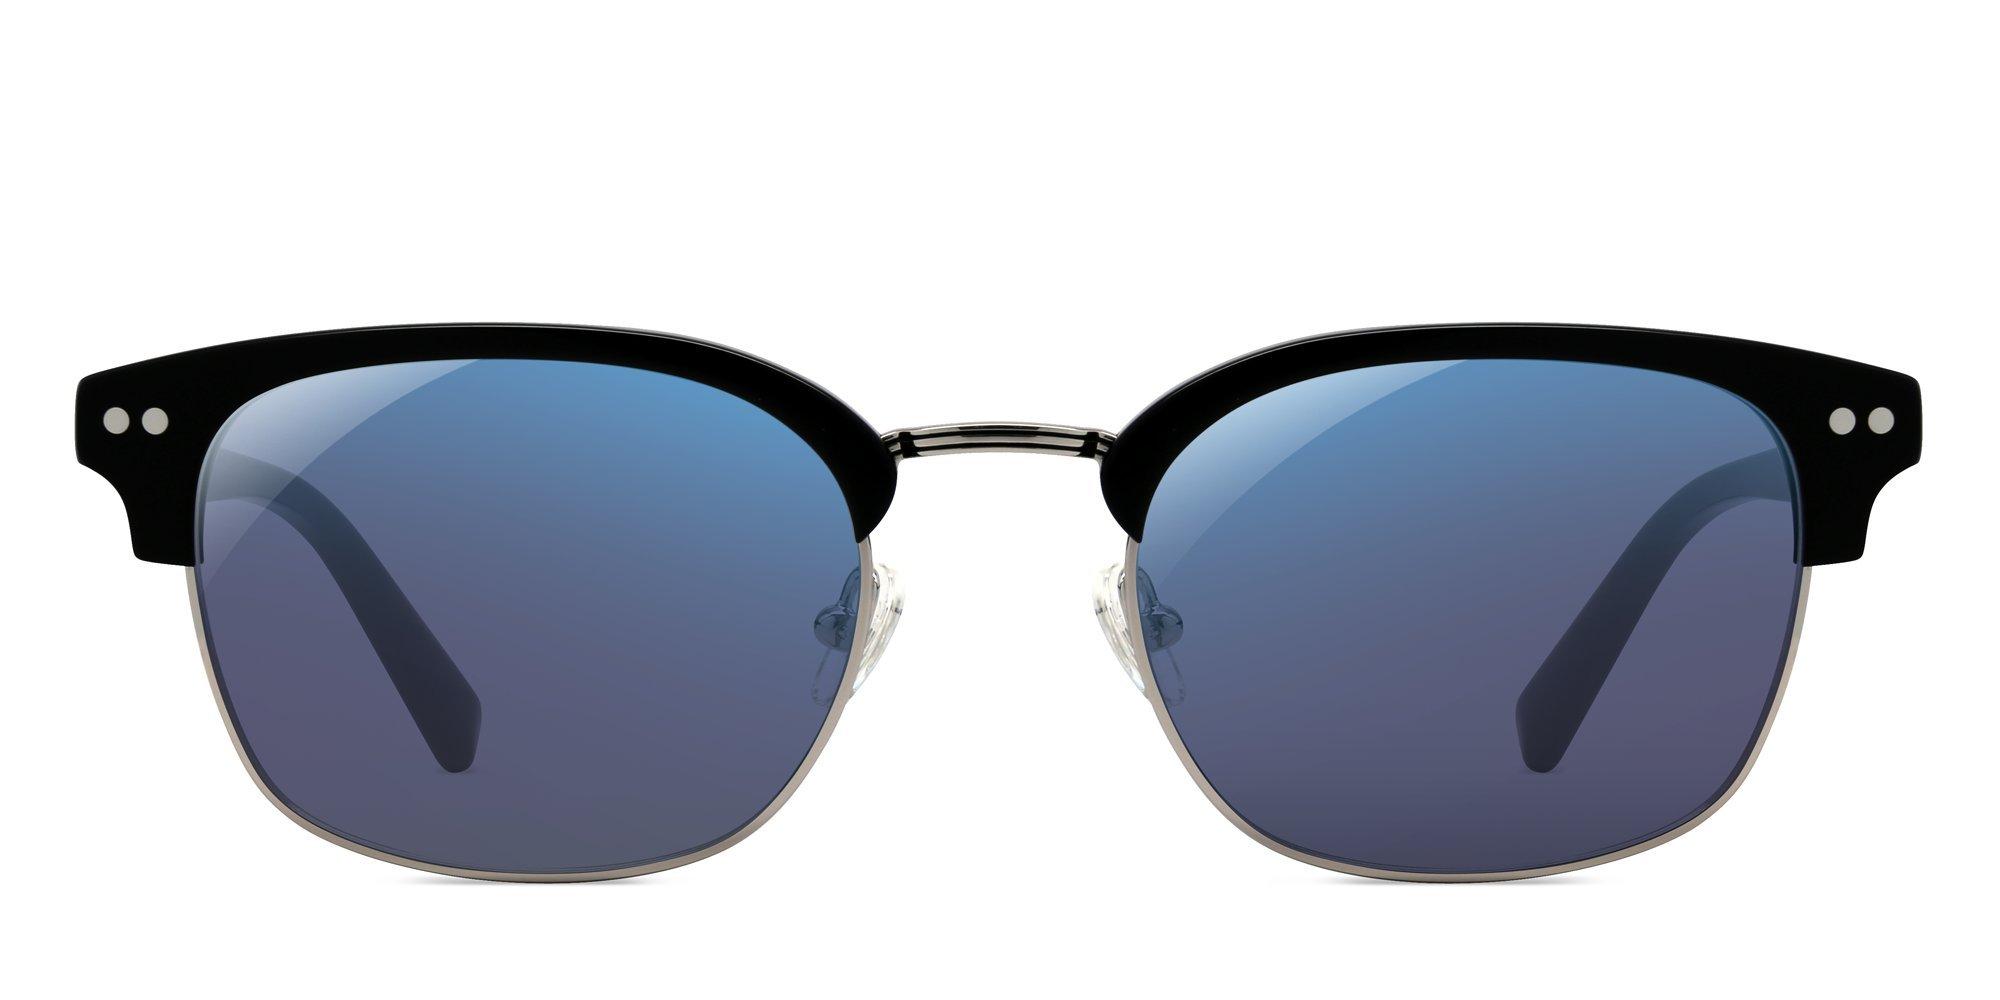 Enchroma Derby - Glasses for the Color Blind (Black)